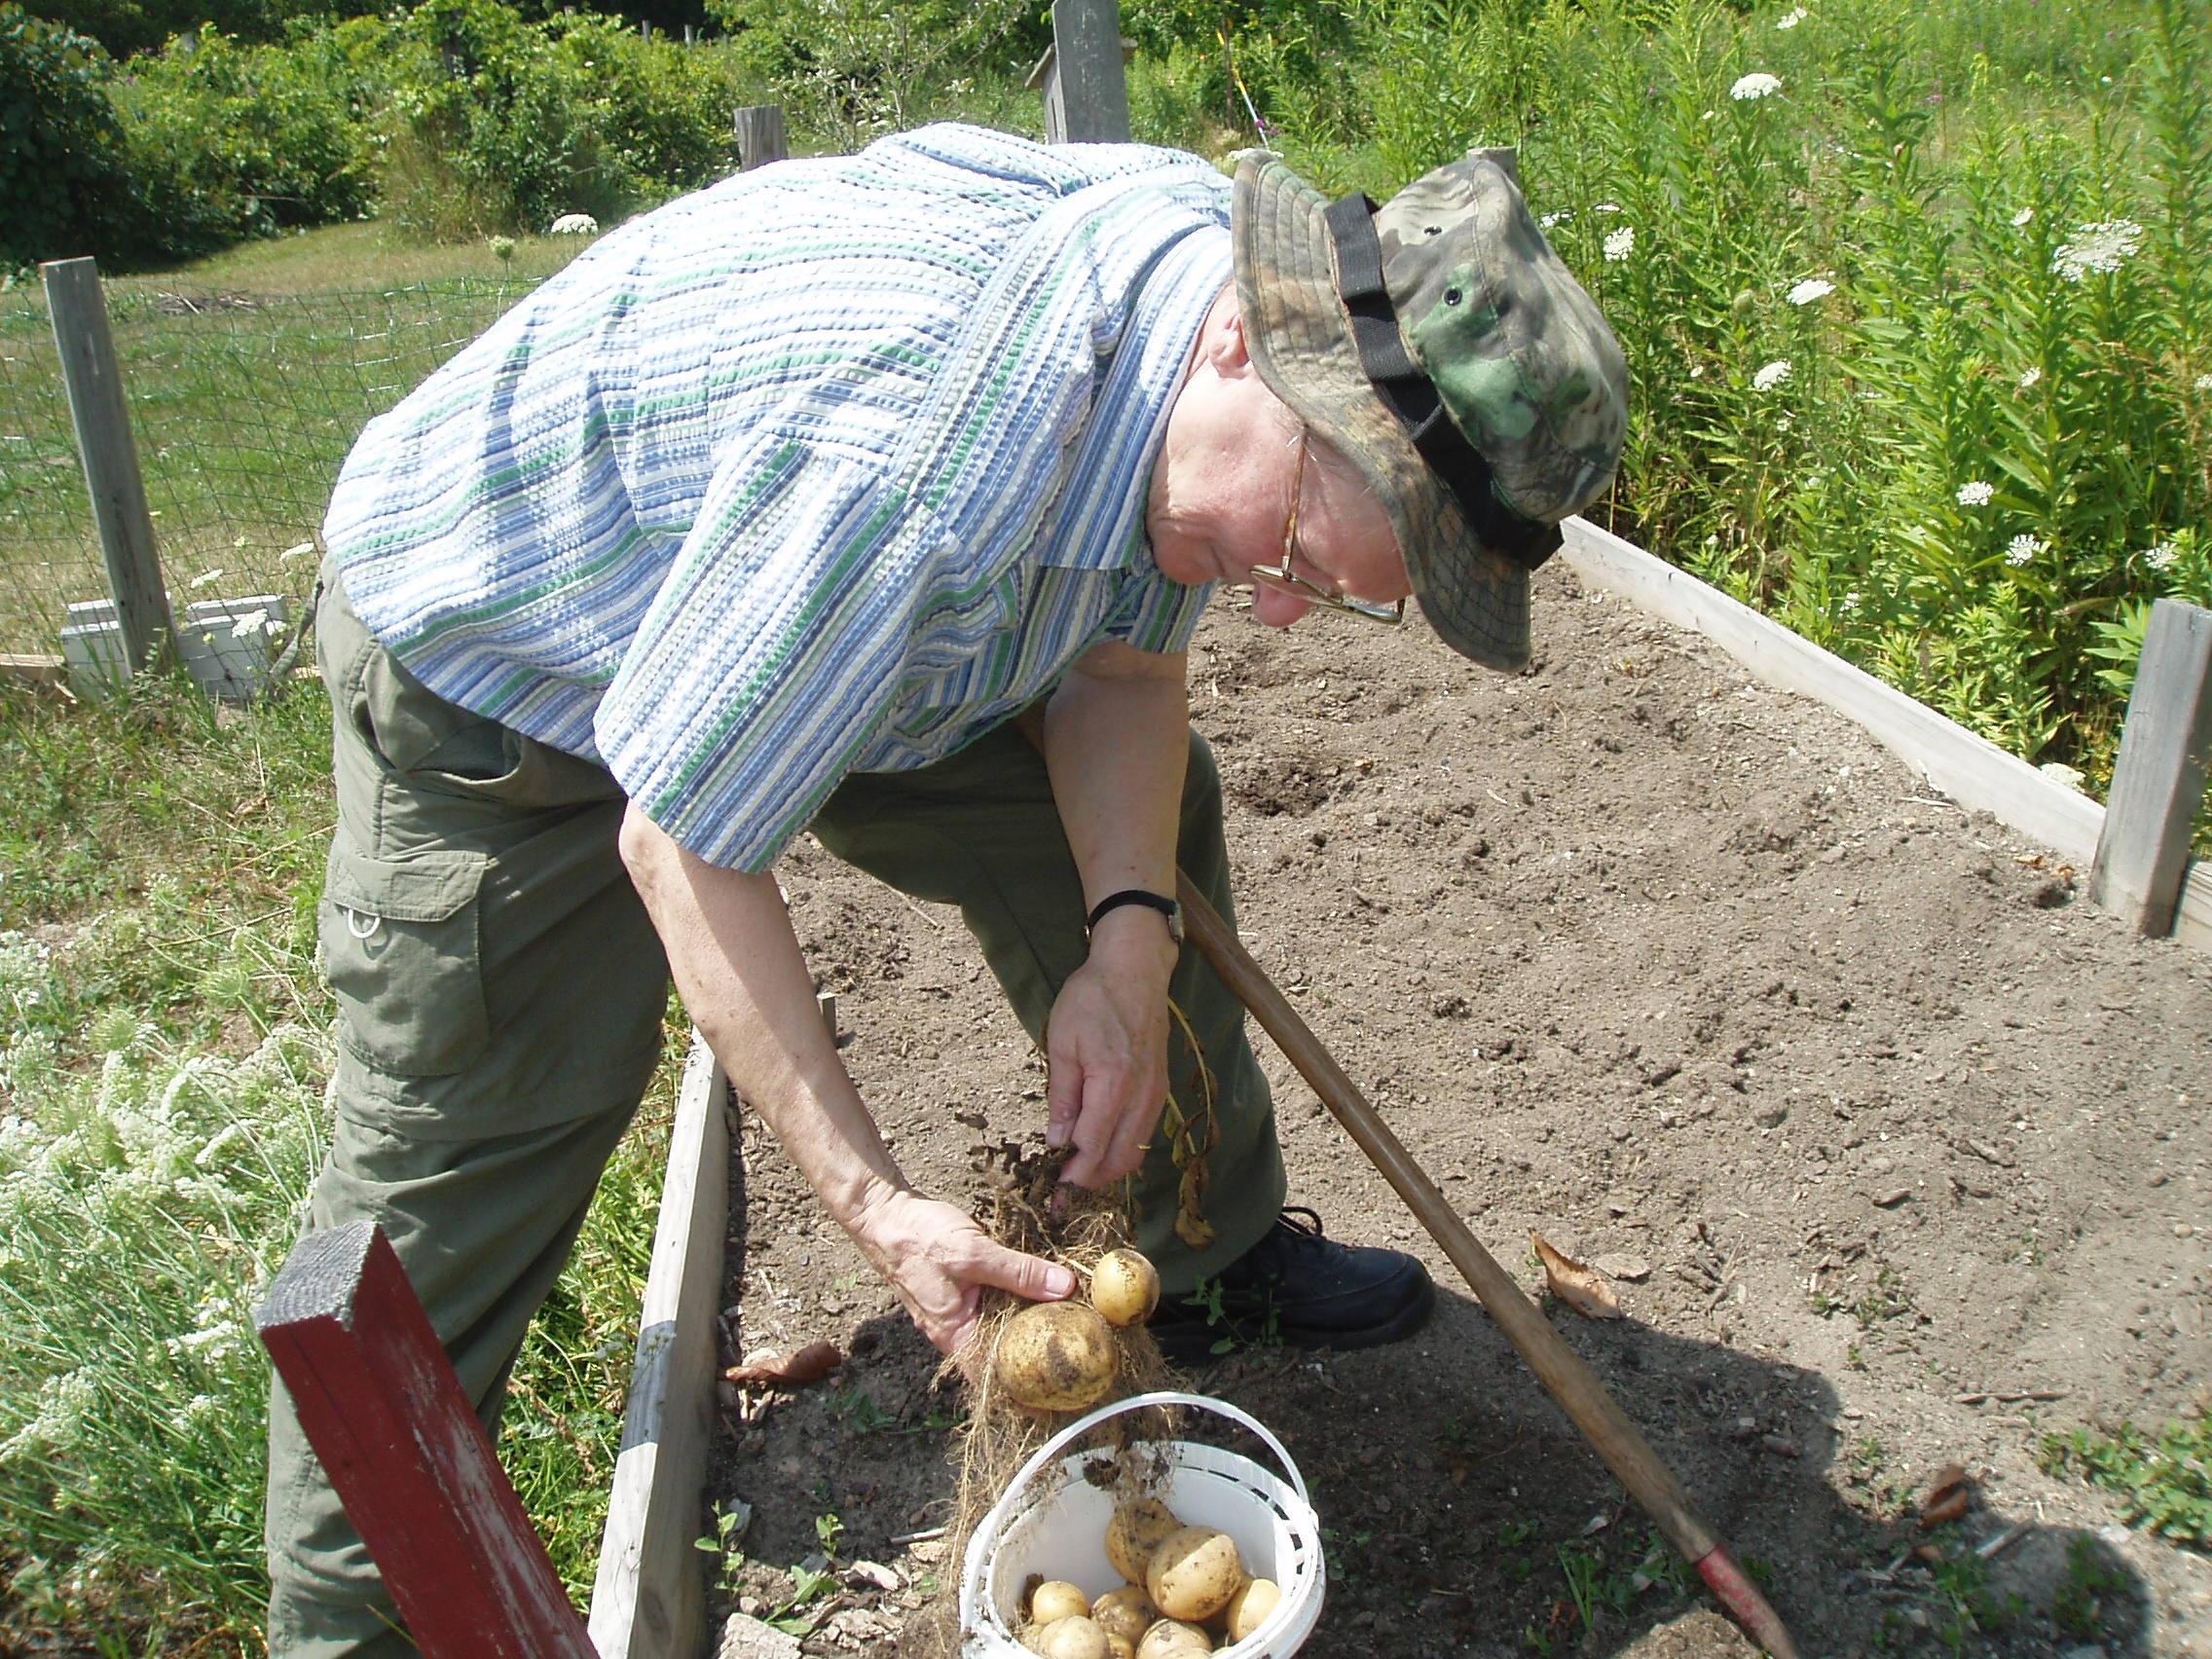 Sister Judith Kirt digging in the dirt